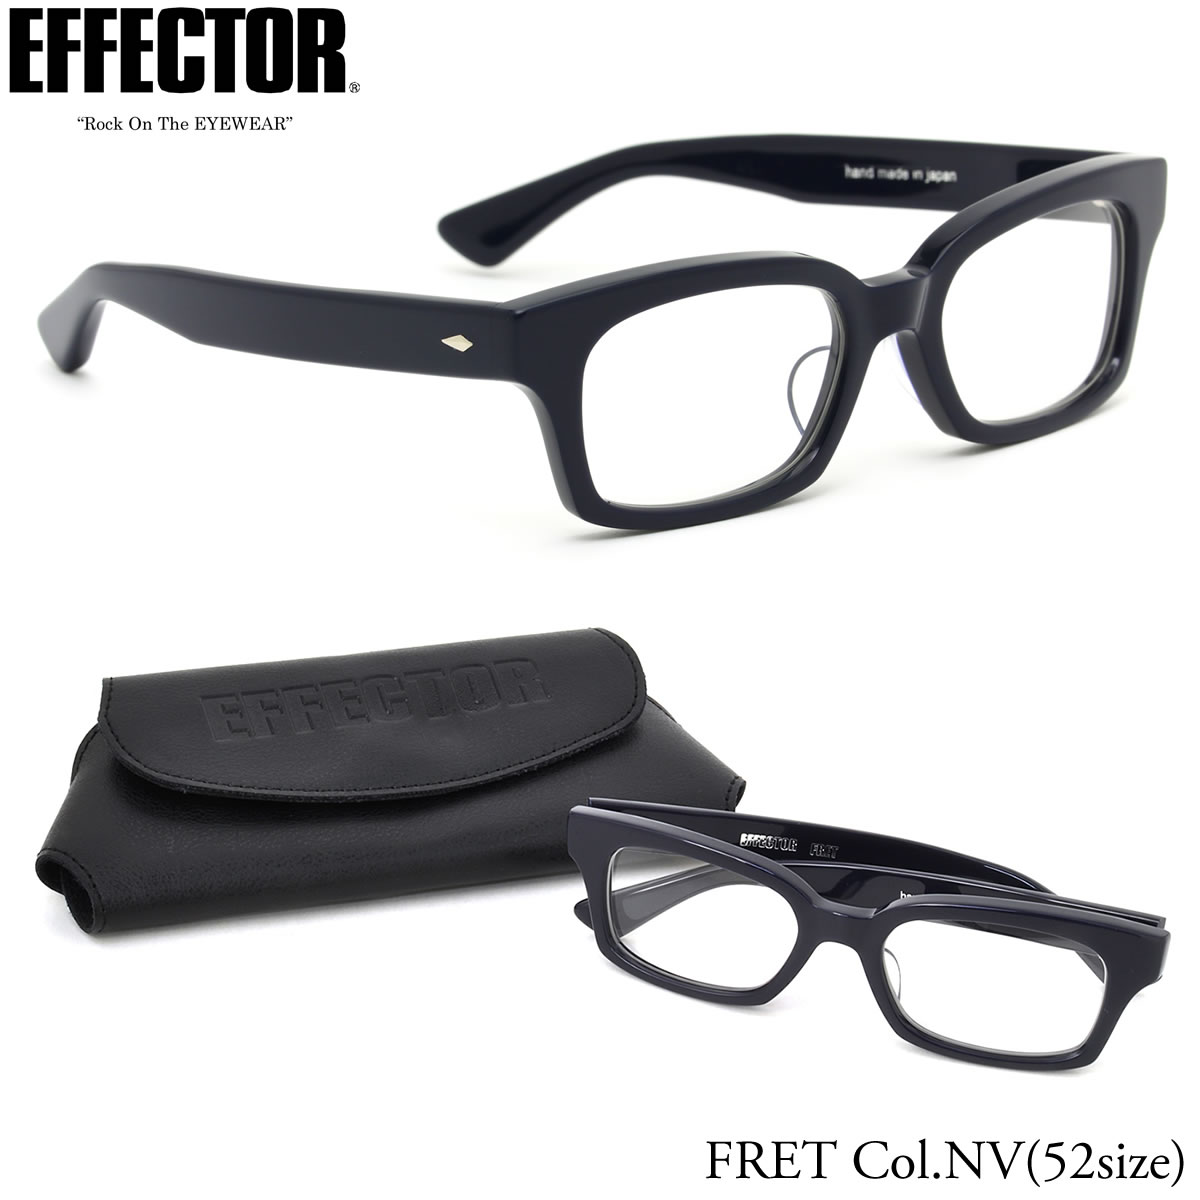 ほぼ全品ポイント15倍~20倍+15倍+2倍 【EFFECTOR】エフェクター 眼鏡 メガネ フレーム FRET NV 52サイズ エフェクター EFFECTOR FRET フレット スクエア UVカット仕様伊達メガネレンズ付 日本製 メンズ レディース